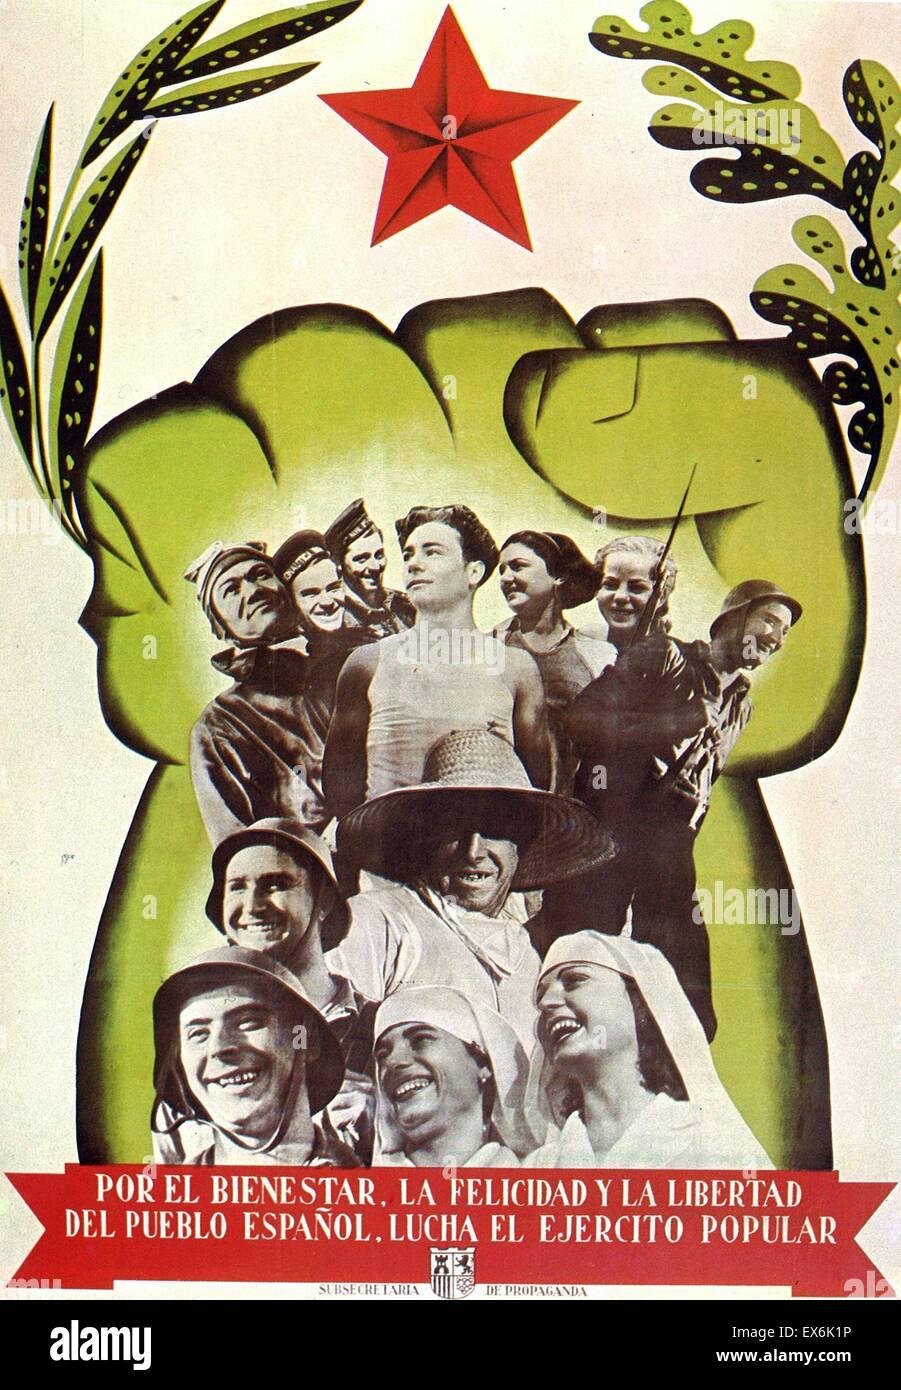 Guerre civile espagnole affiche républicaine 1937 Banque D'Images